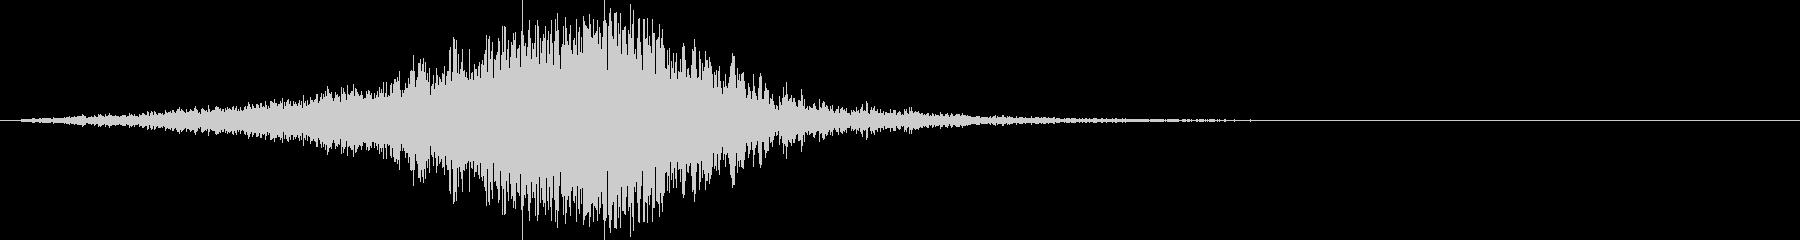 ストリングス:恐怖迫る怖い音(ホラー)2の未再生の波形